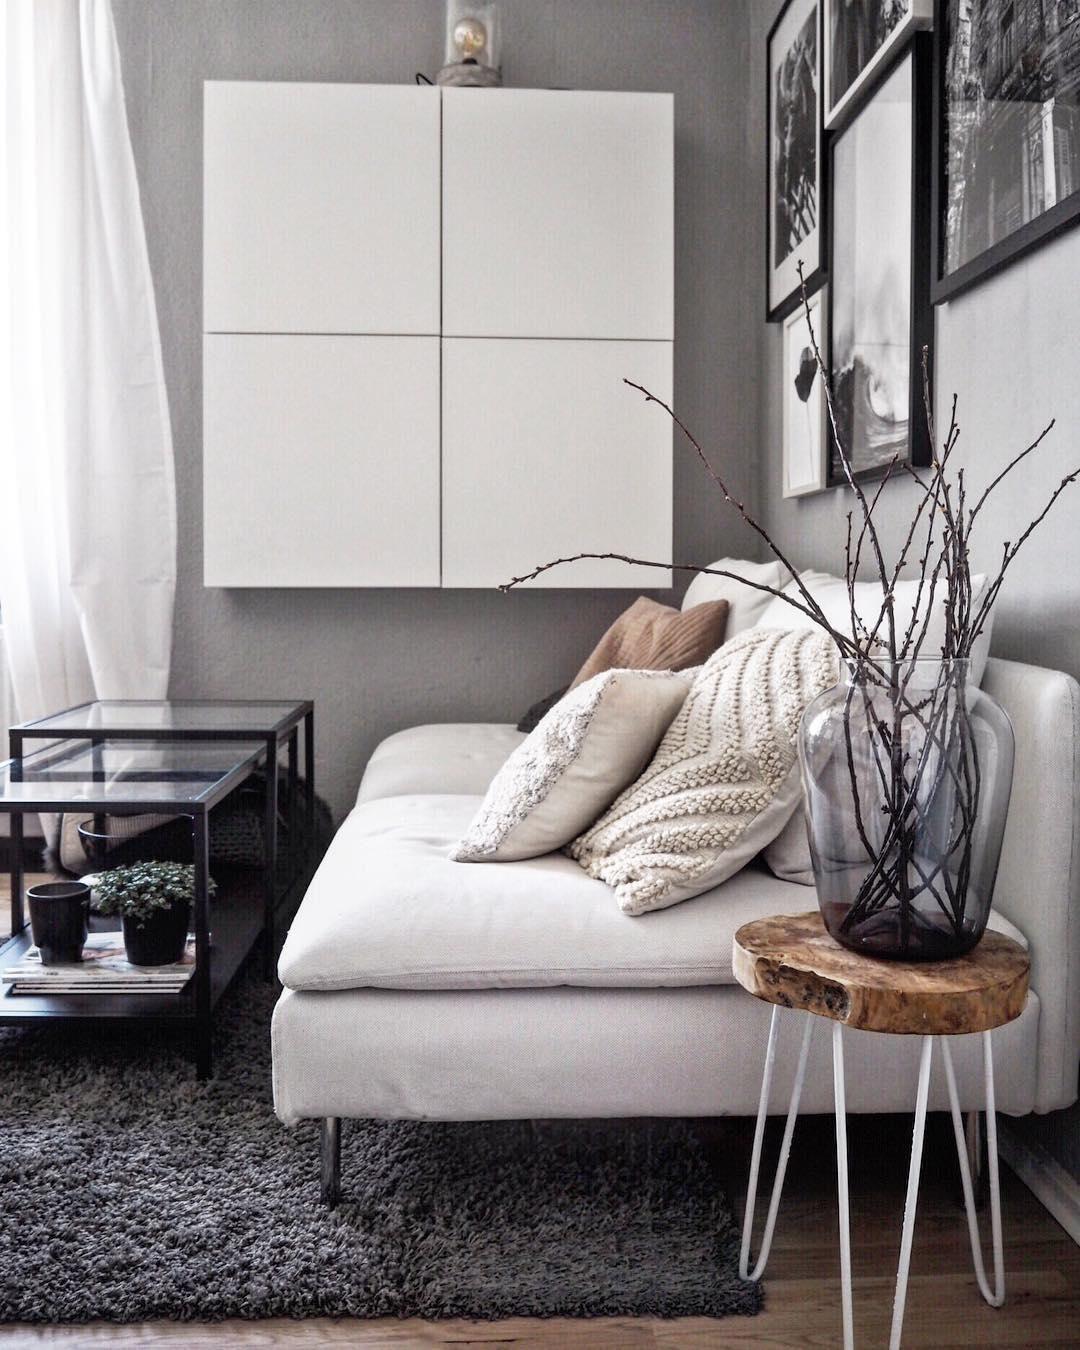 Teppich Cosy Glamour Wohnzimmer Grau Weiss Flauschige Kissen Und